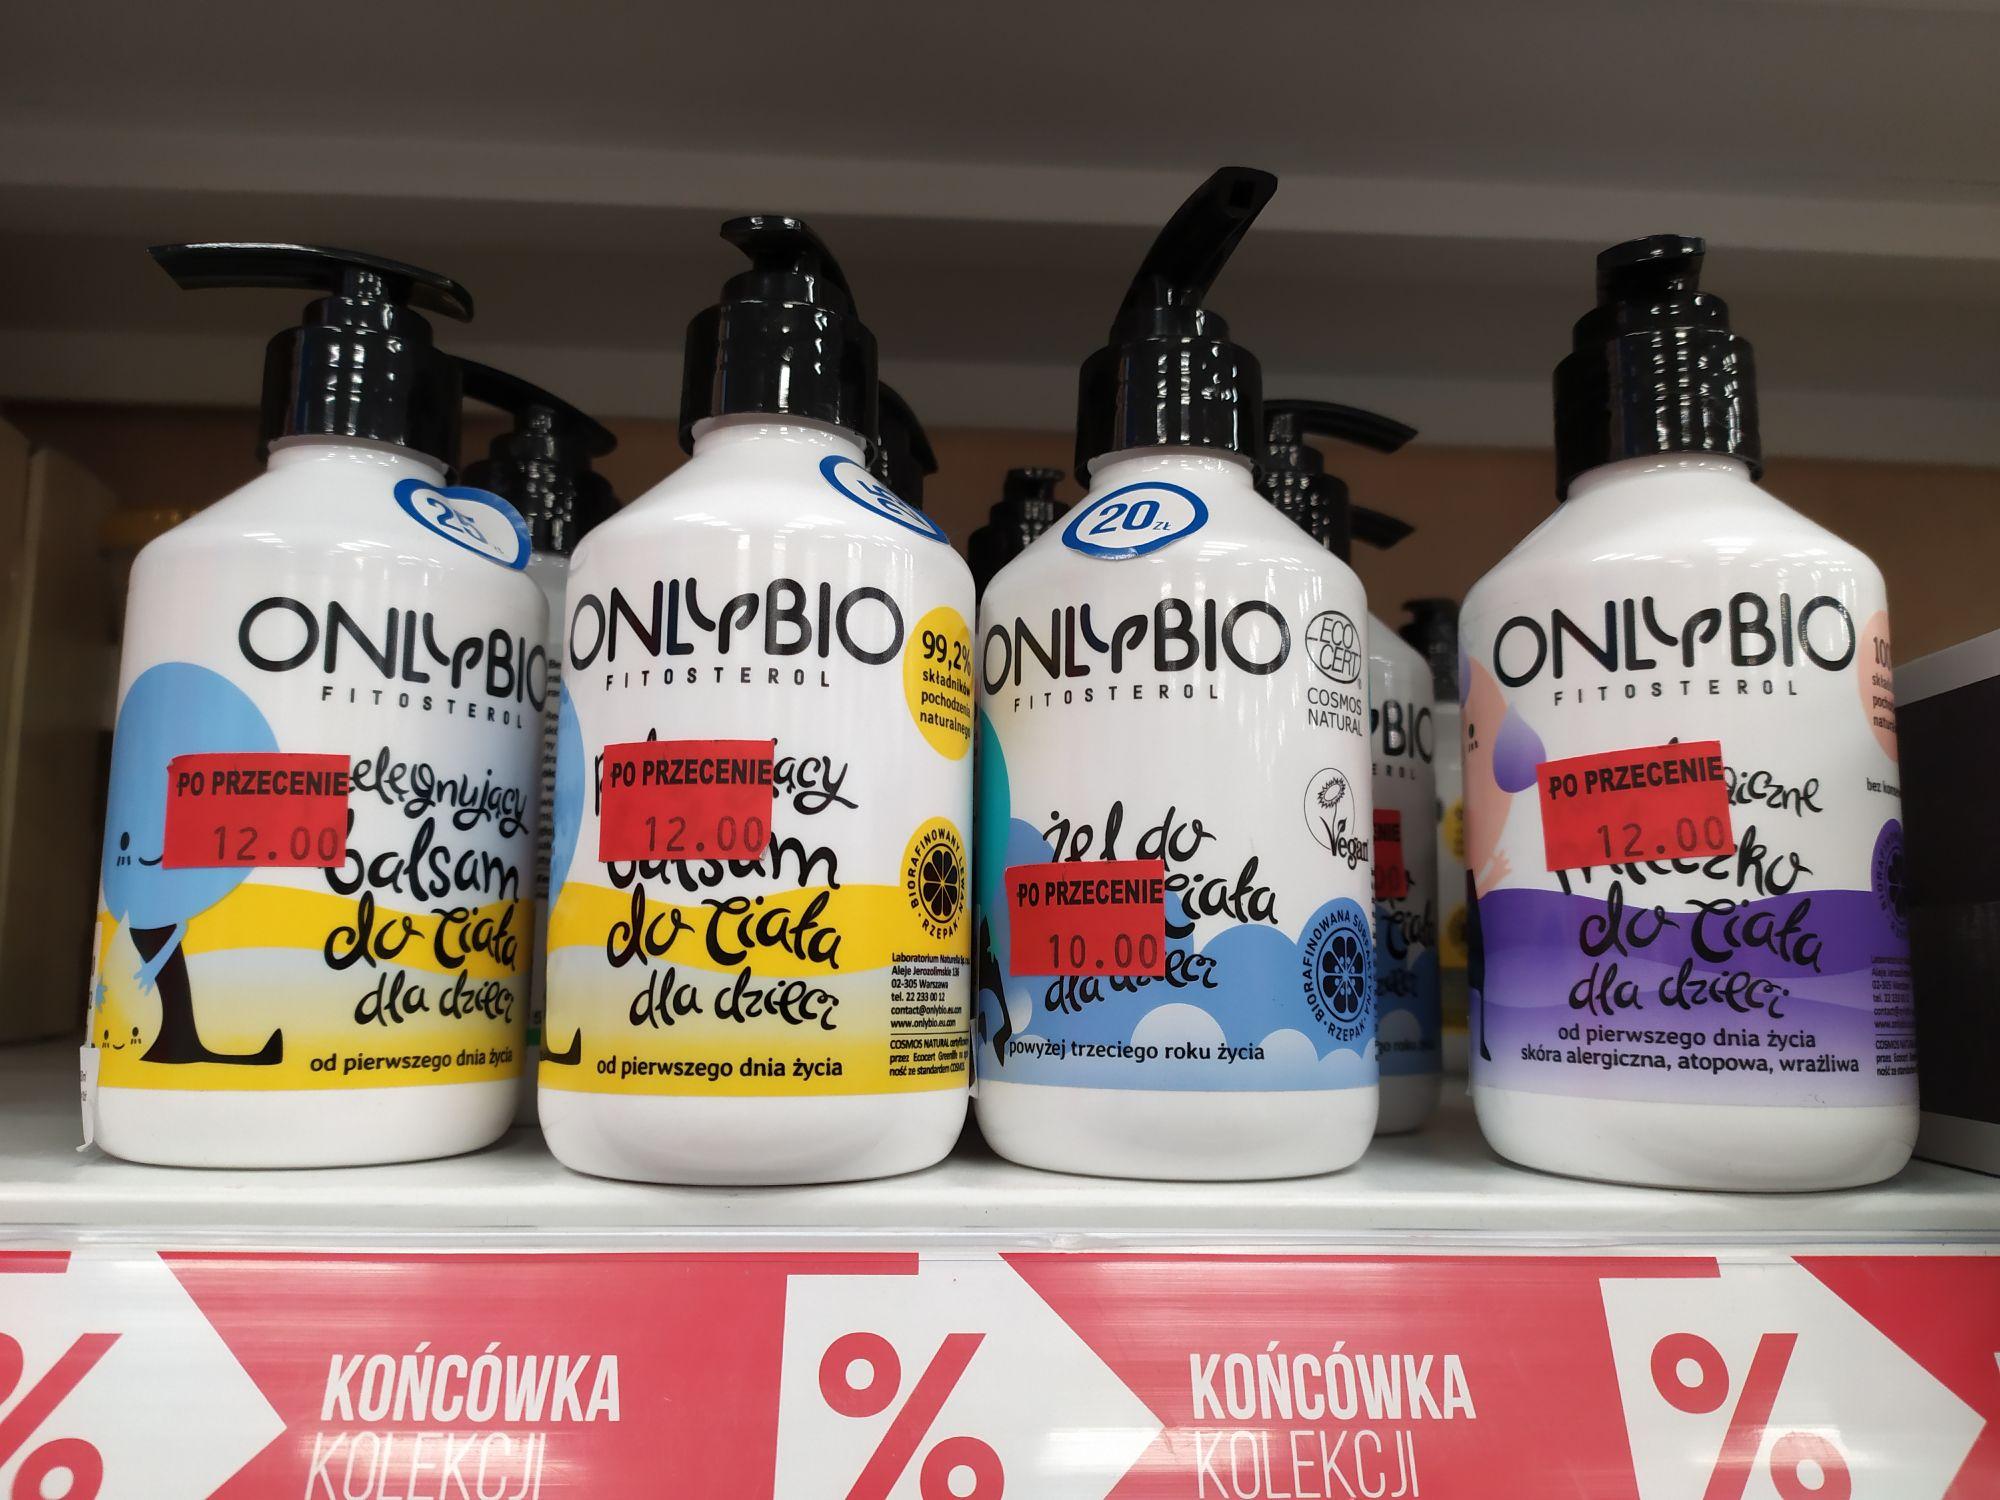 Kosmetyki Only Bio w Pepco